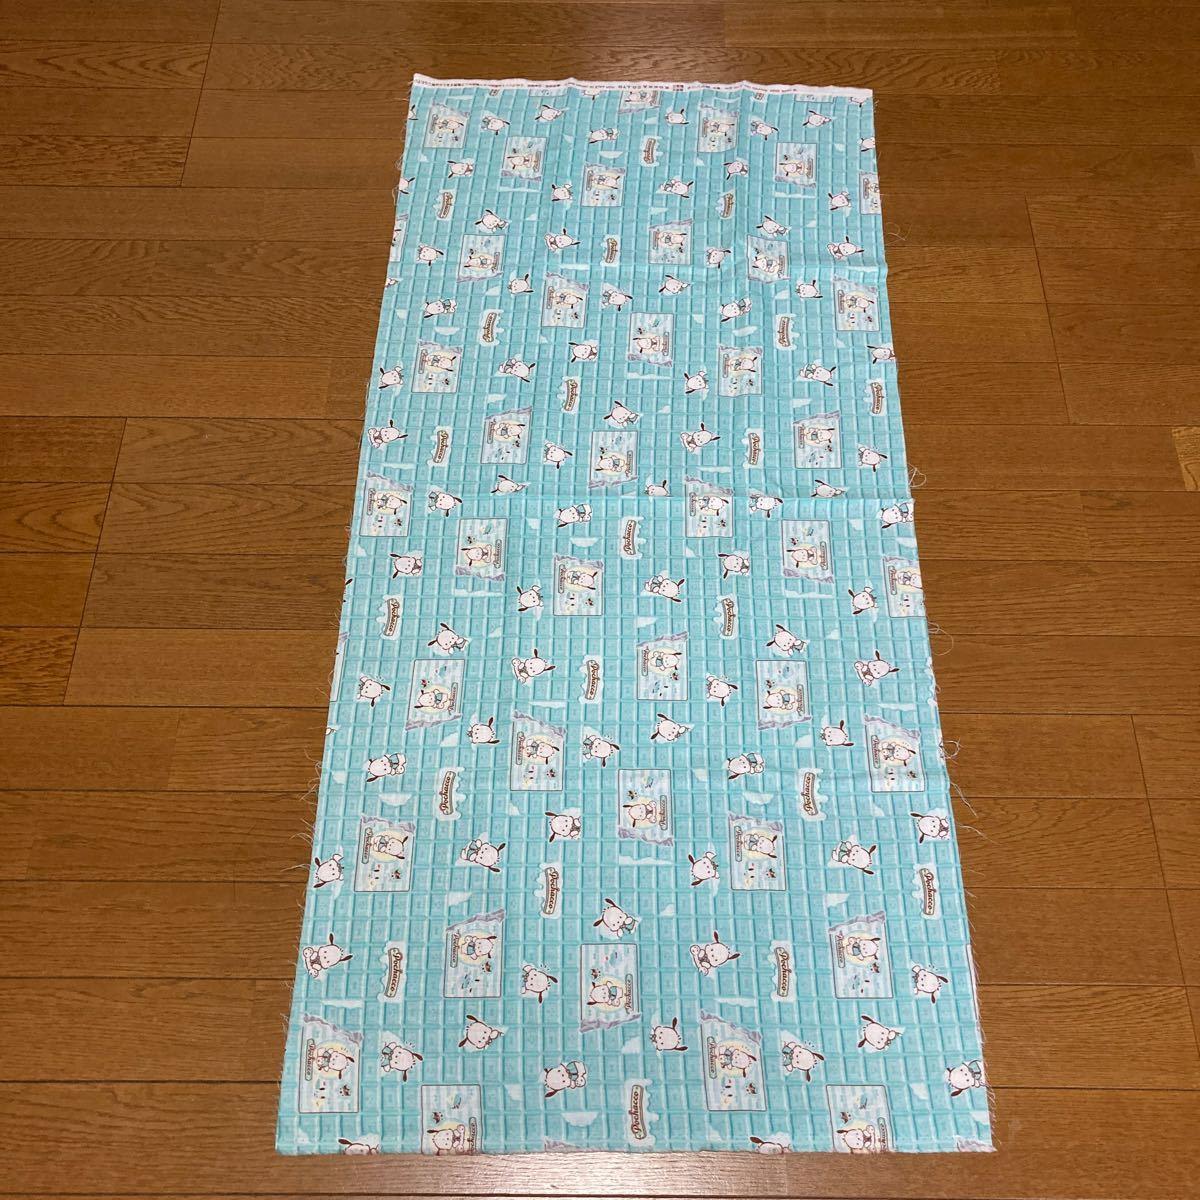 ダブルガーゼ生地 サンリオキャラクター ぽちゃっこ ブルー.イエロー 110×50、2点セット ハンドメイドに